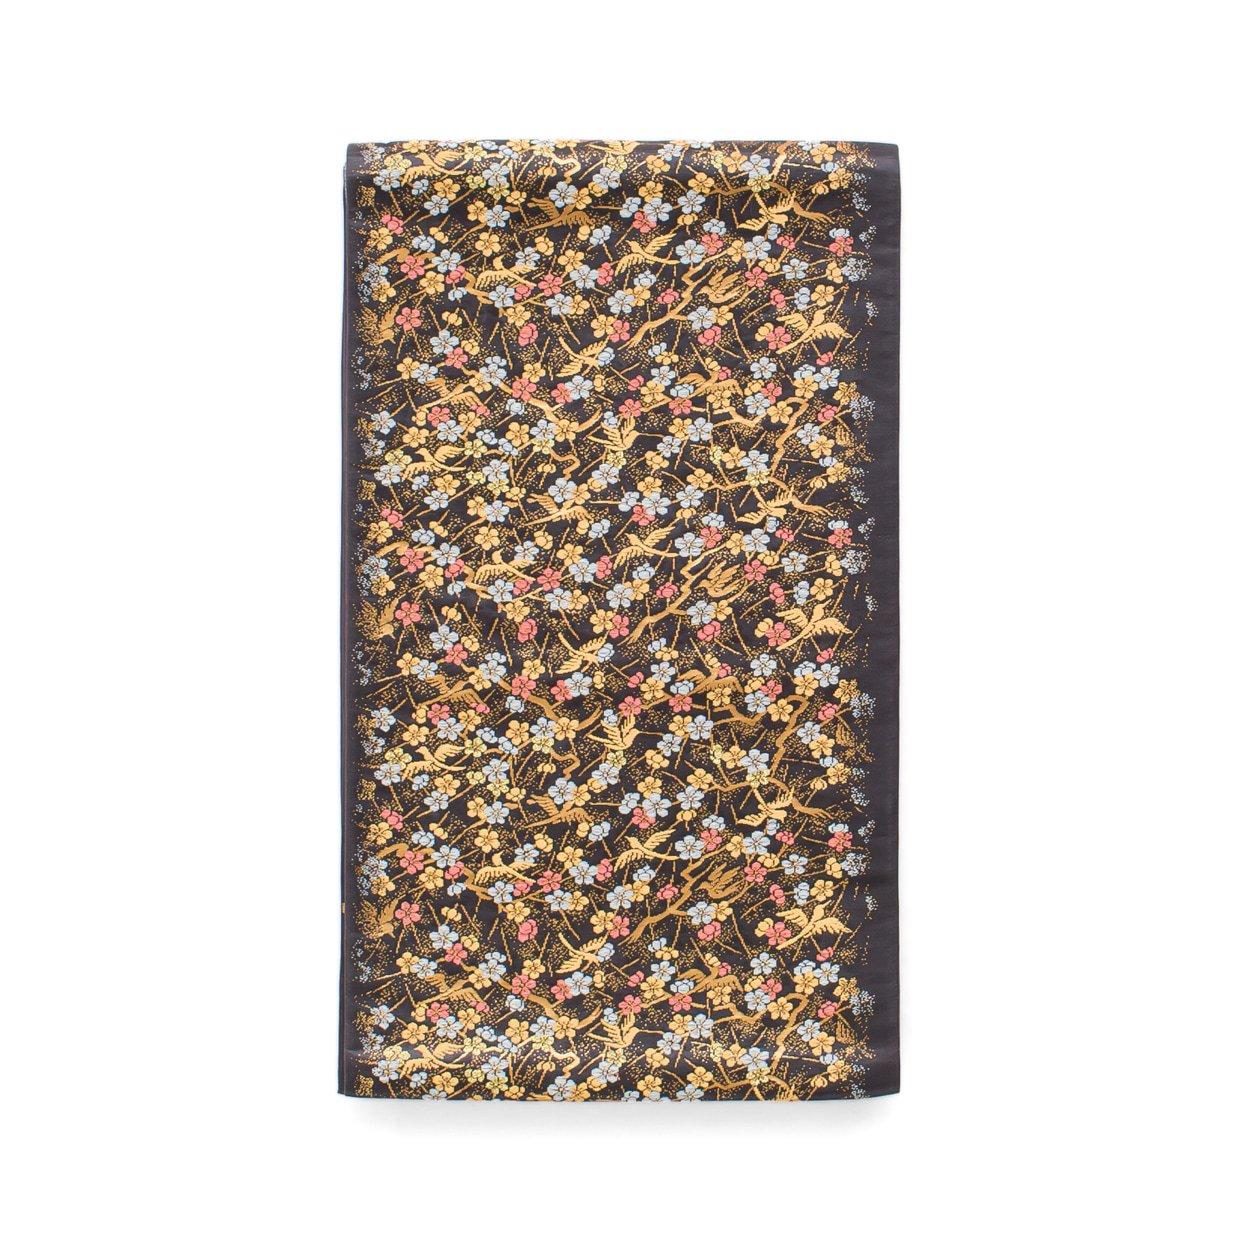 「袋帯●小鳥と梅の木」の商品画像